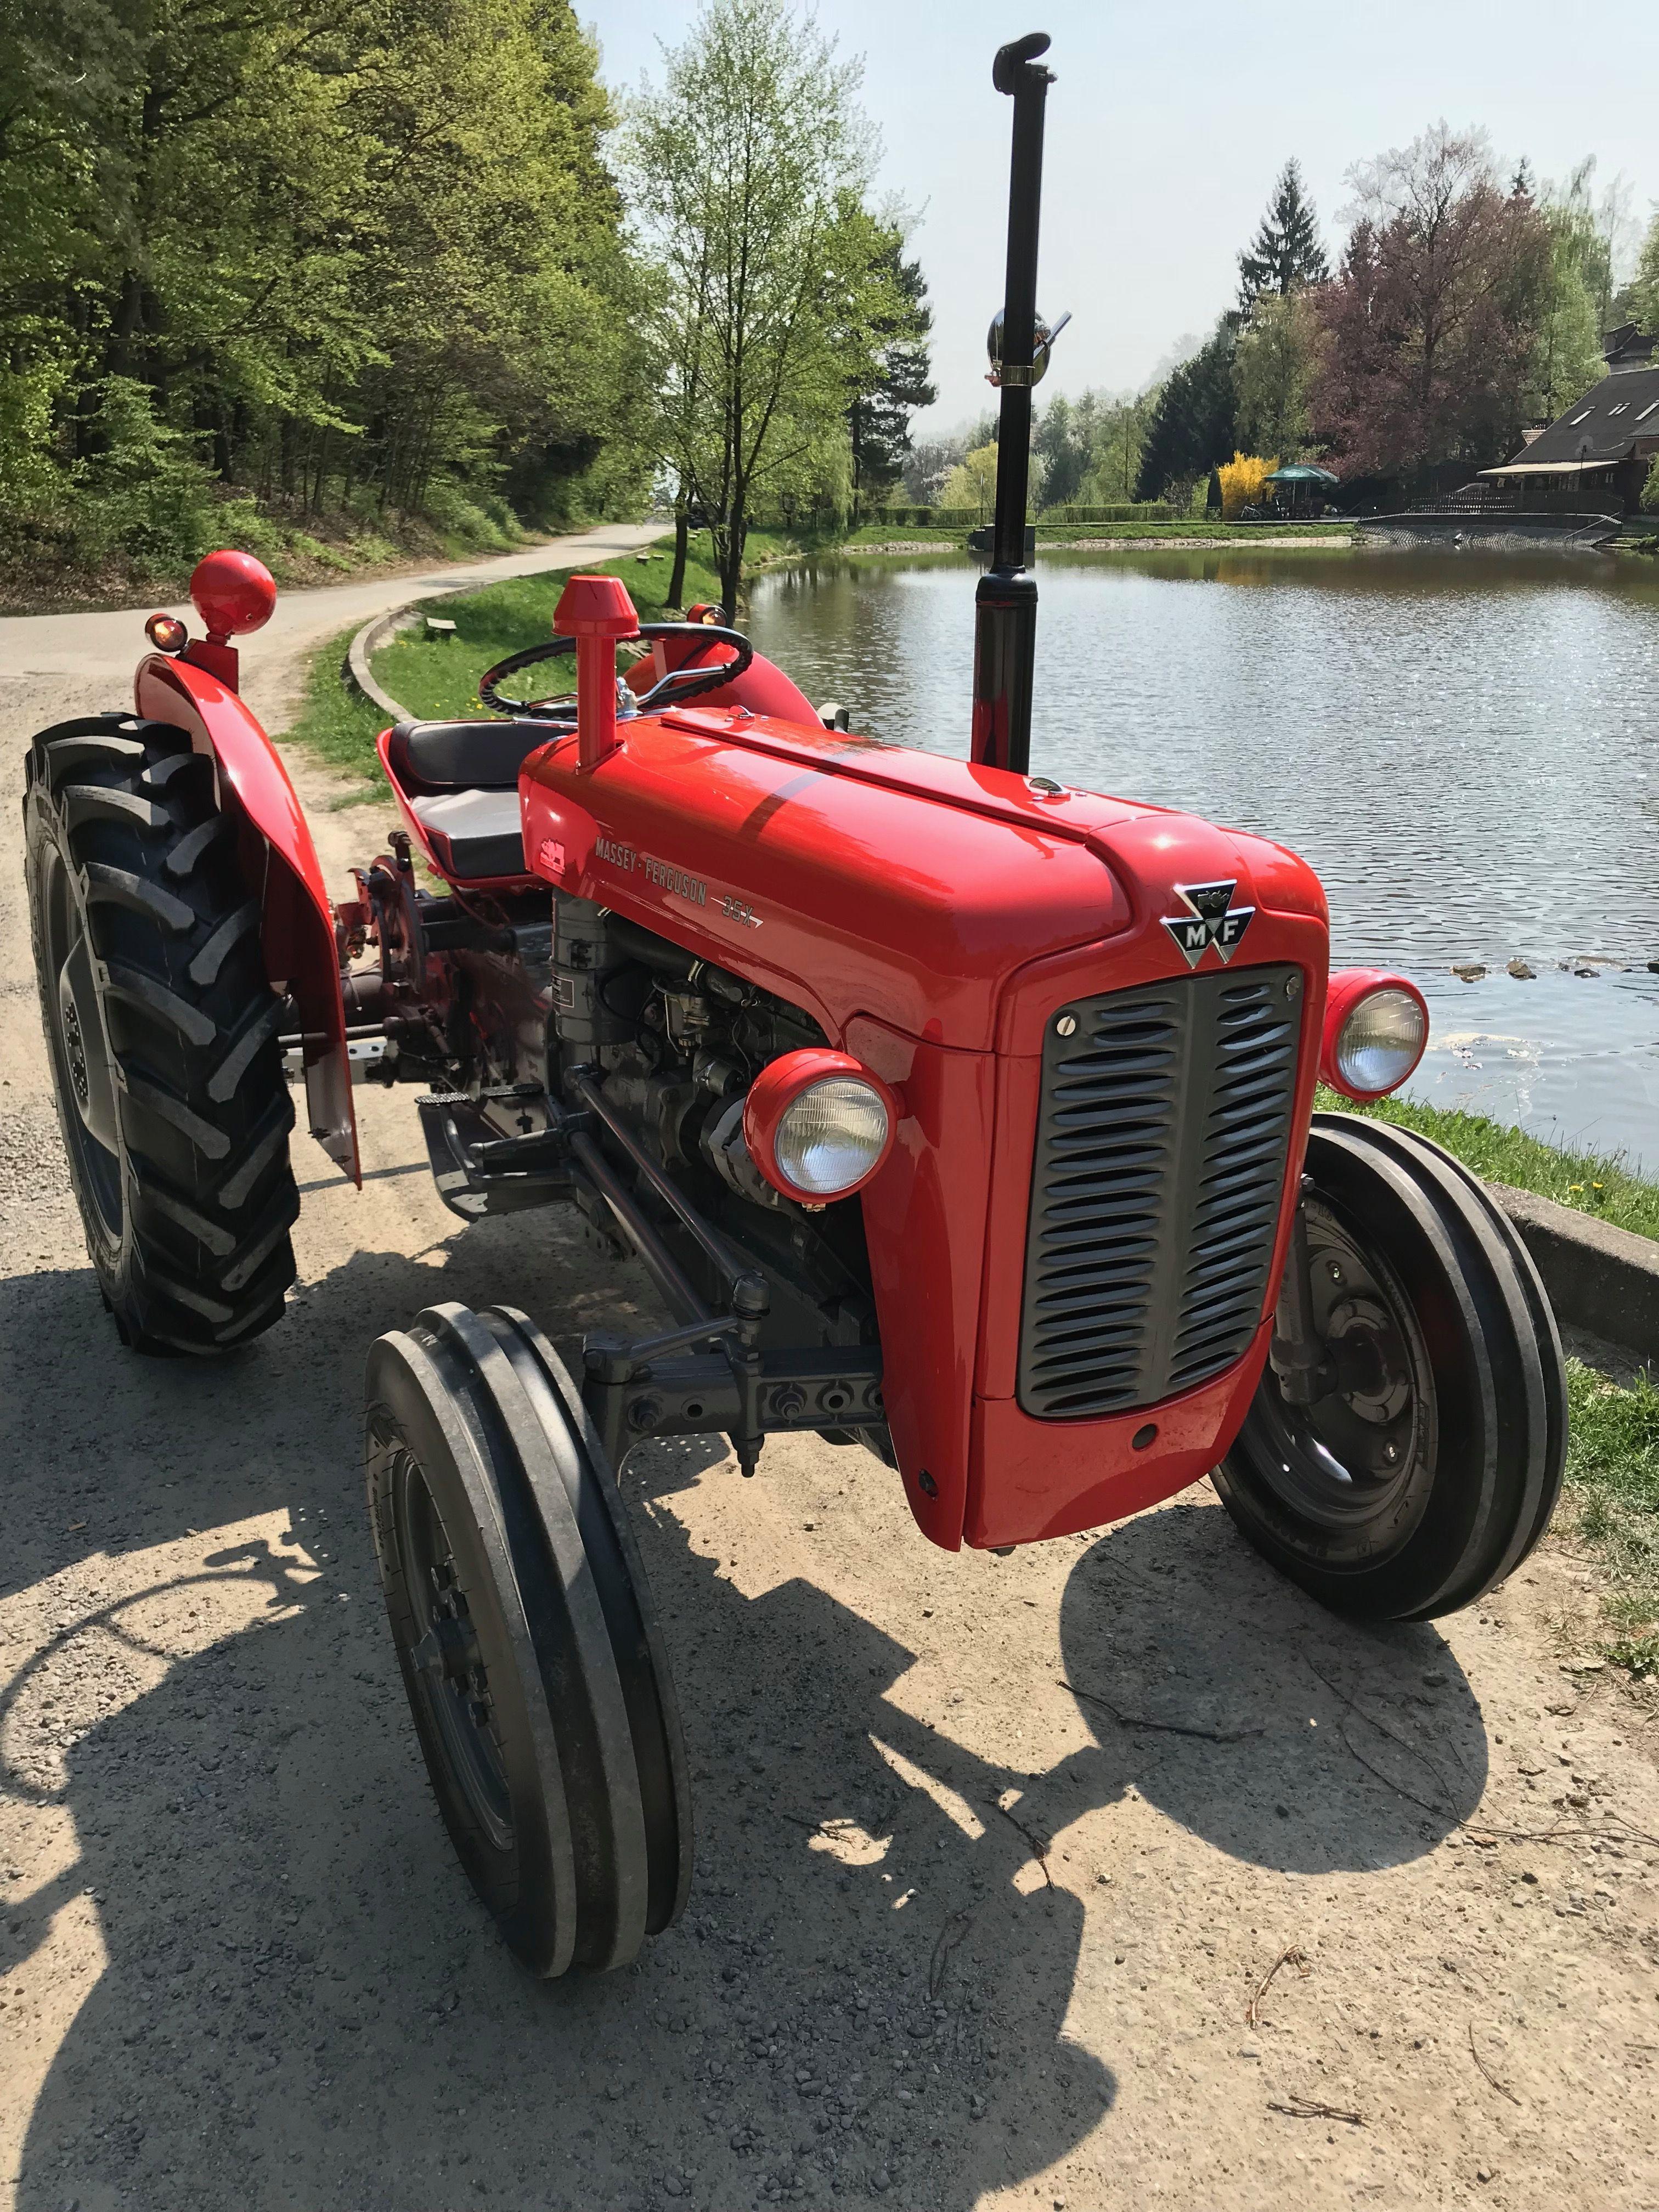 Massey Ferguson Mf 5425 5435 5445 5455 5460 5465 5470 5460 Tractor Repair  Manual | Massey Ferguson Service Repair Manual | Repair manuals, Manual,  Tractors